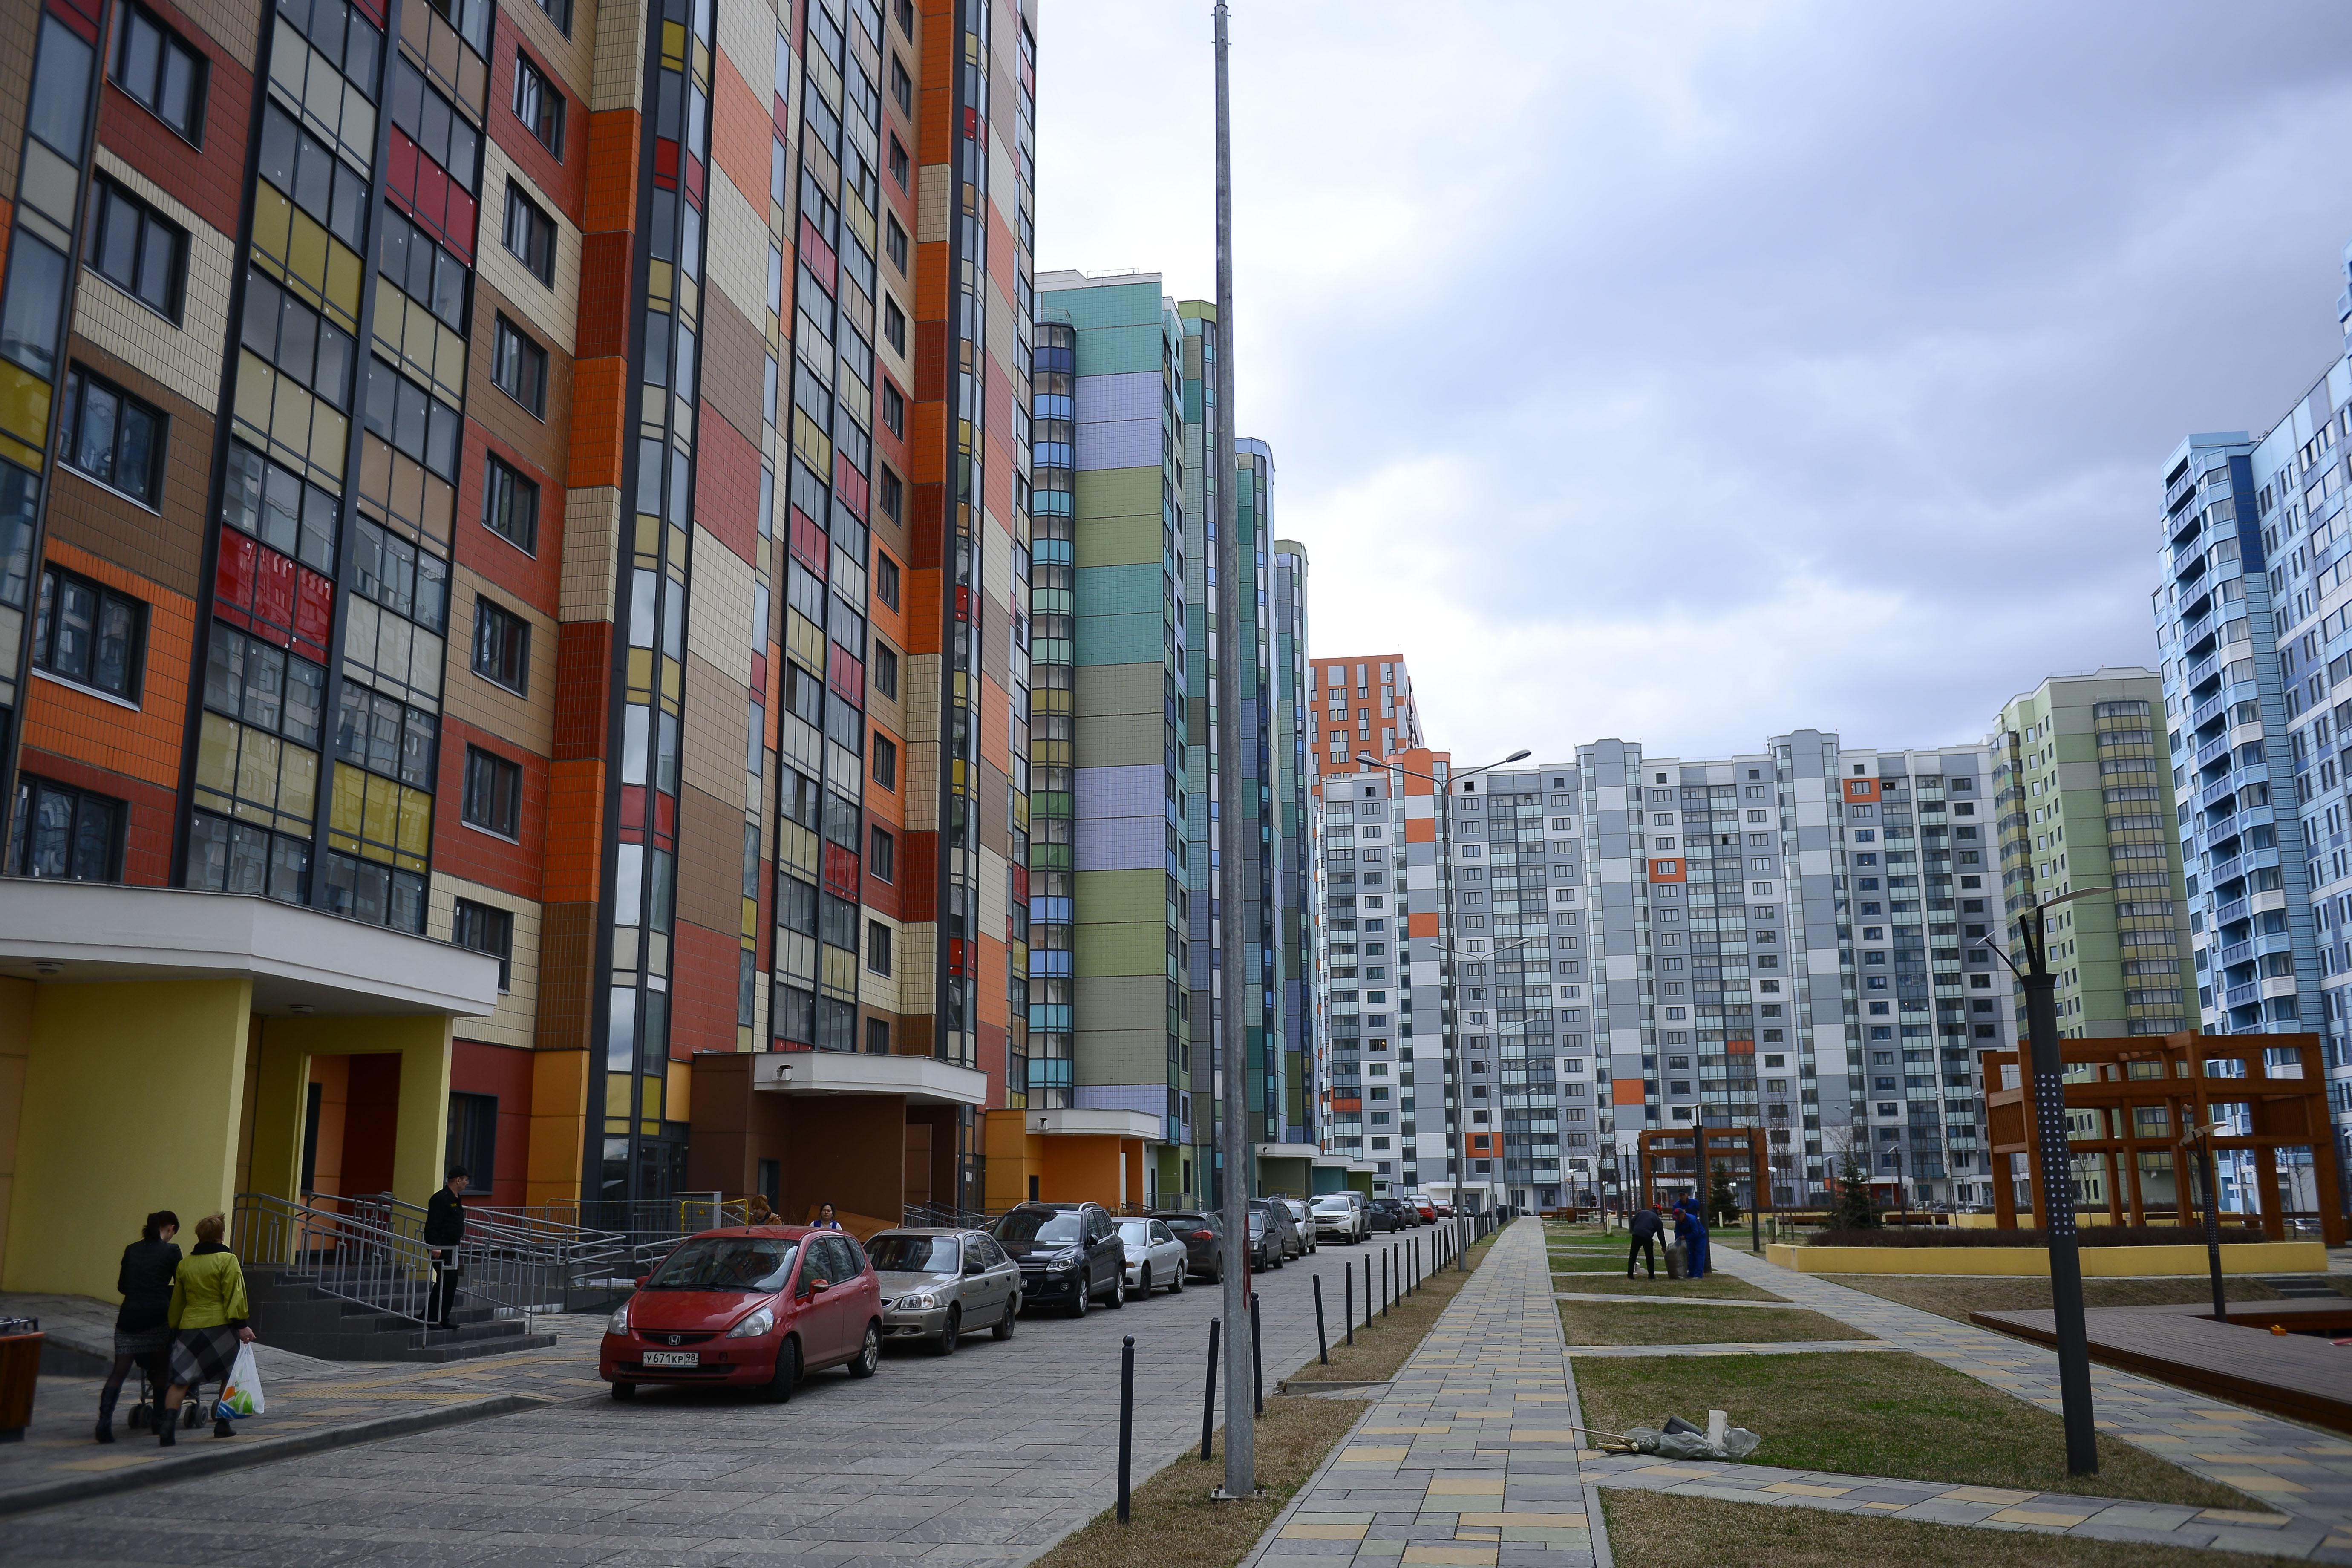 Рекорд по вводу в эксплуатацию жилых зданий в Новой Москве установили в июле 2018 года